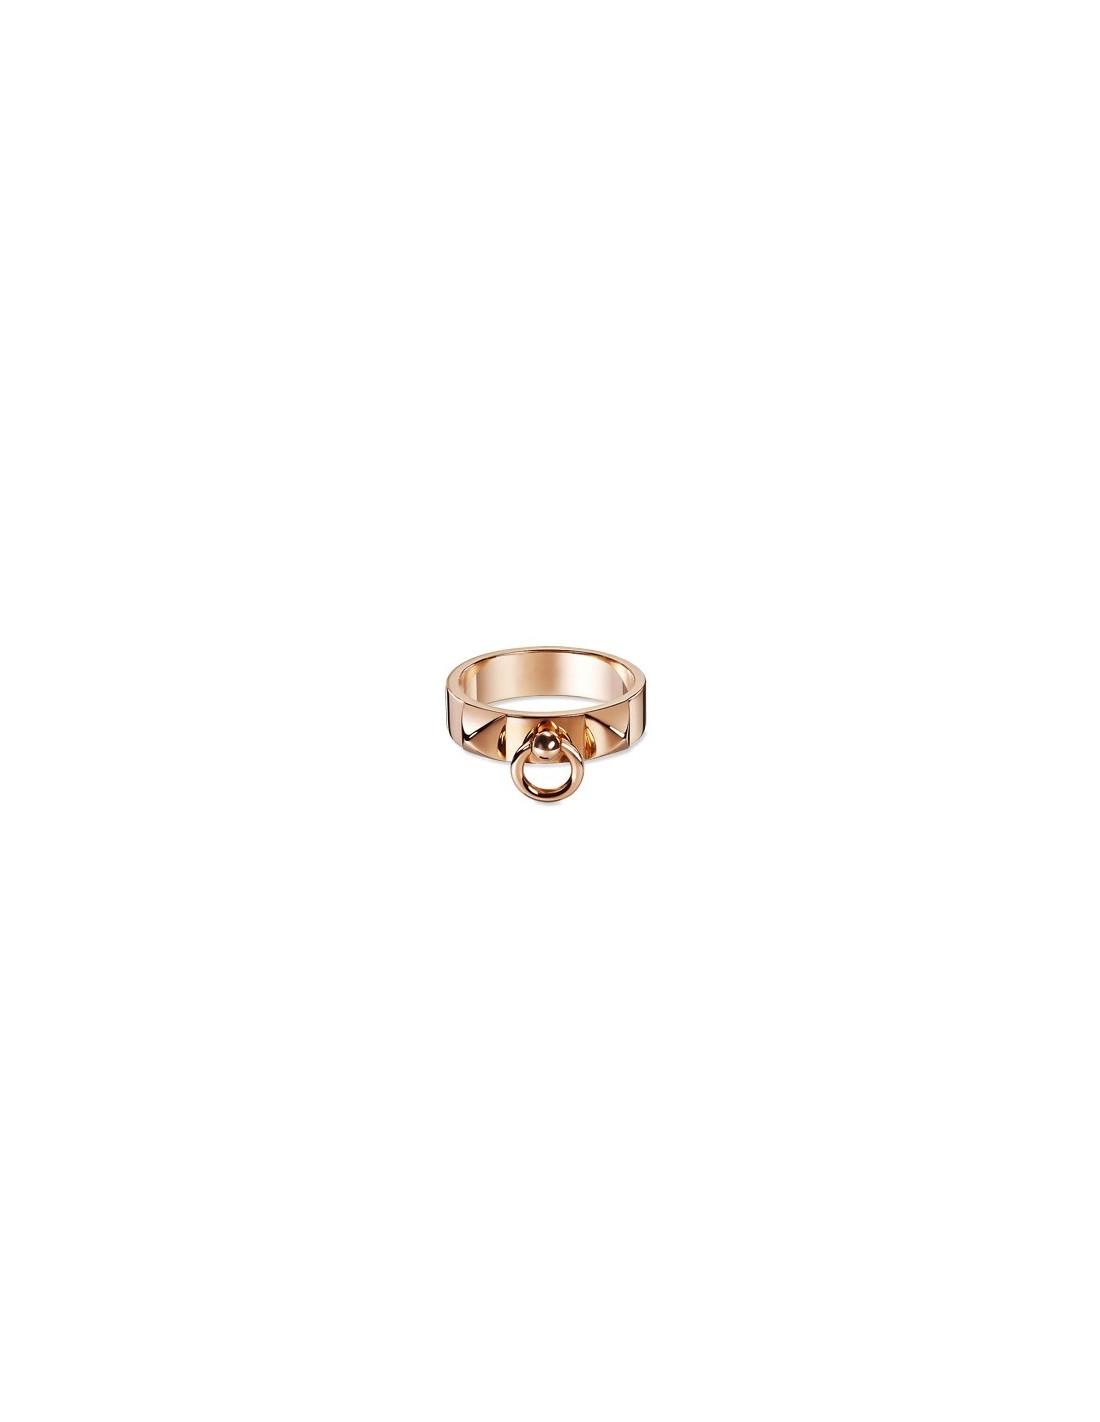 c4eec91f5361 BAGUE HERMES COLLIER DE CHIEN OR ROSE - Atoutluxe Boutique